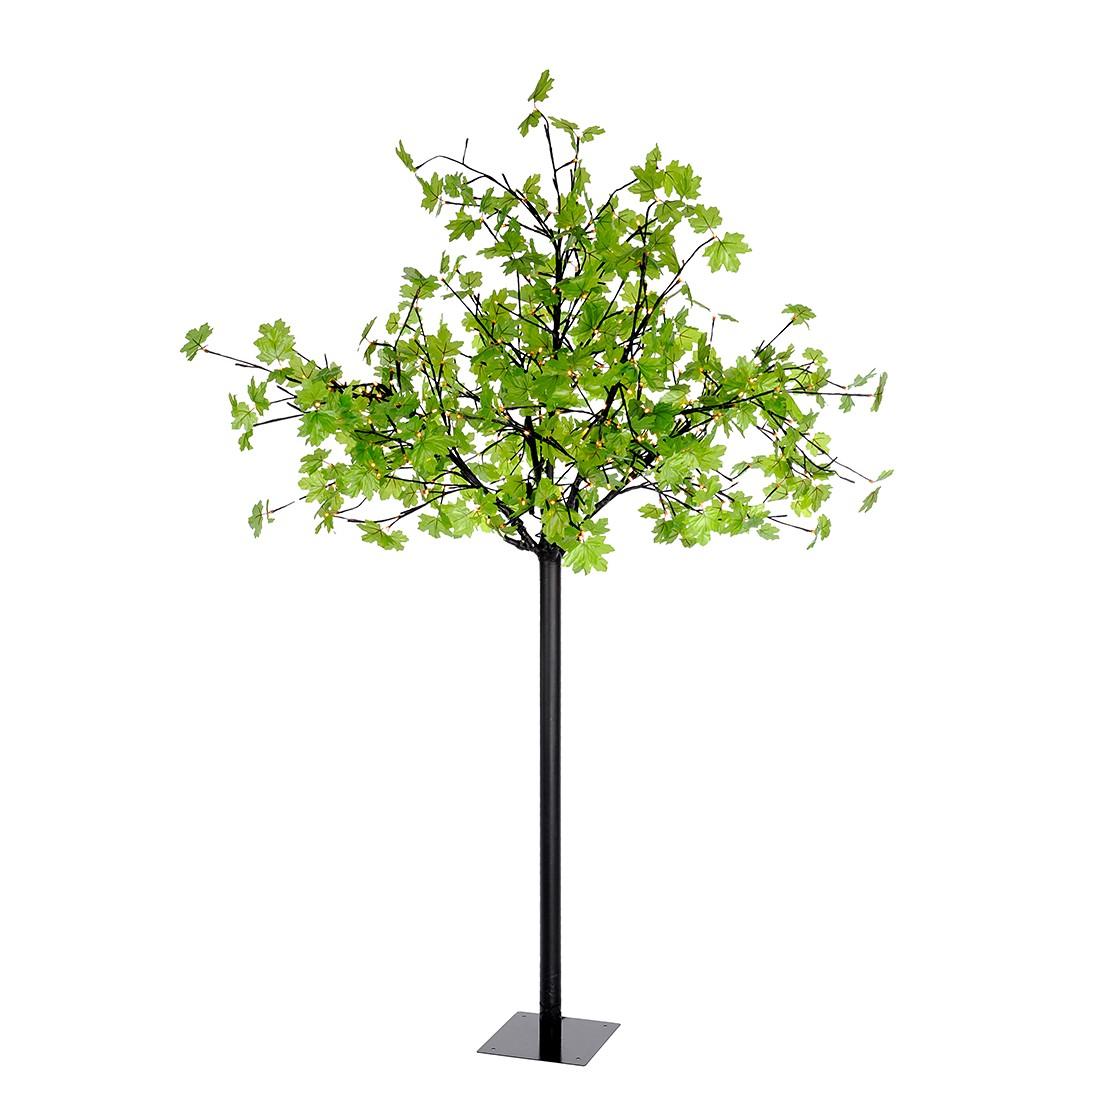 LED-Stehleuchte Baum by Leuchten Direkt ● Eisen/Kunststoff ● Schwarz- Leuchten Direkt A+